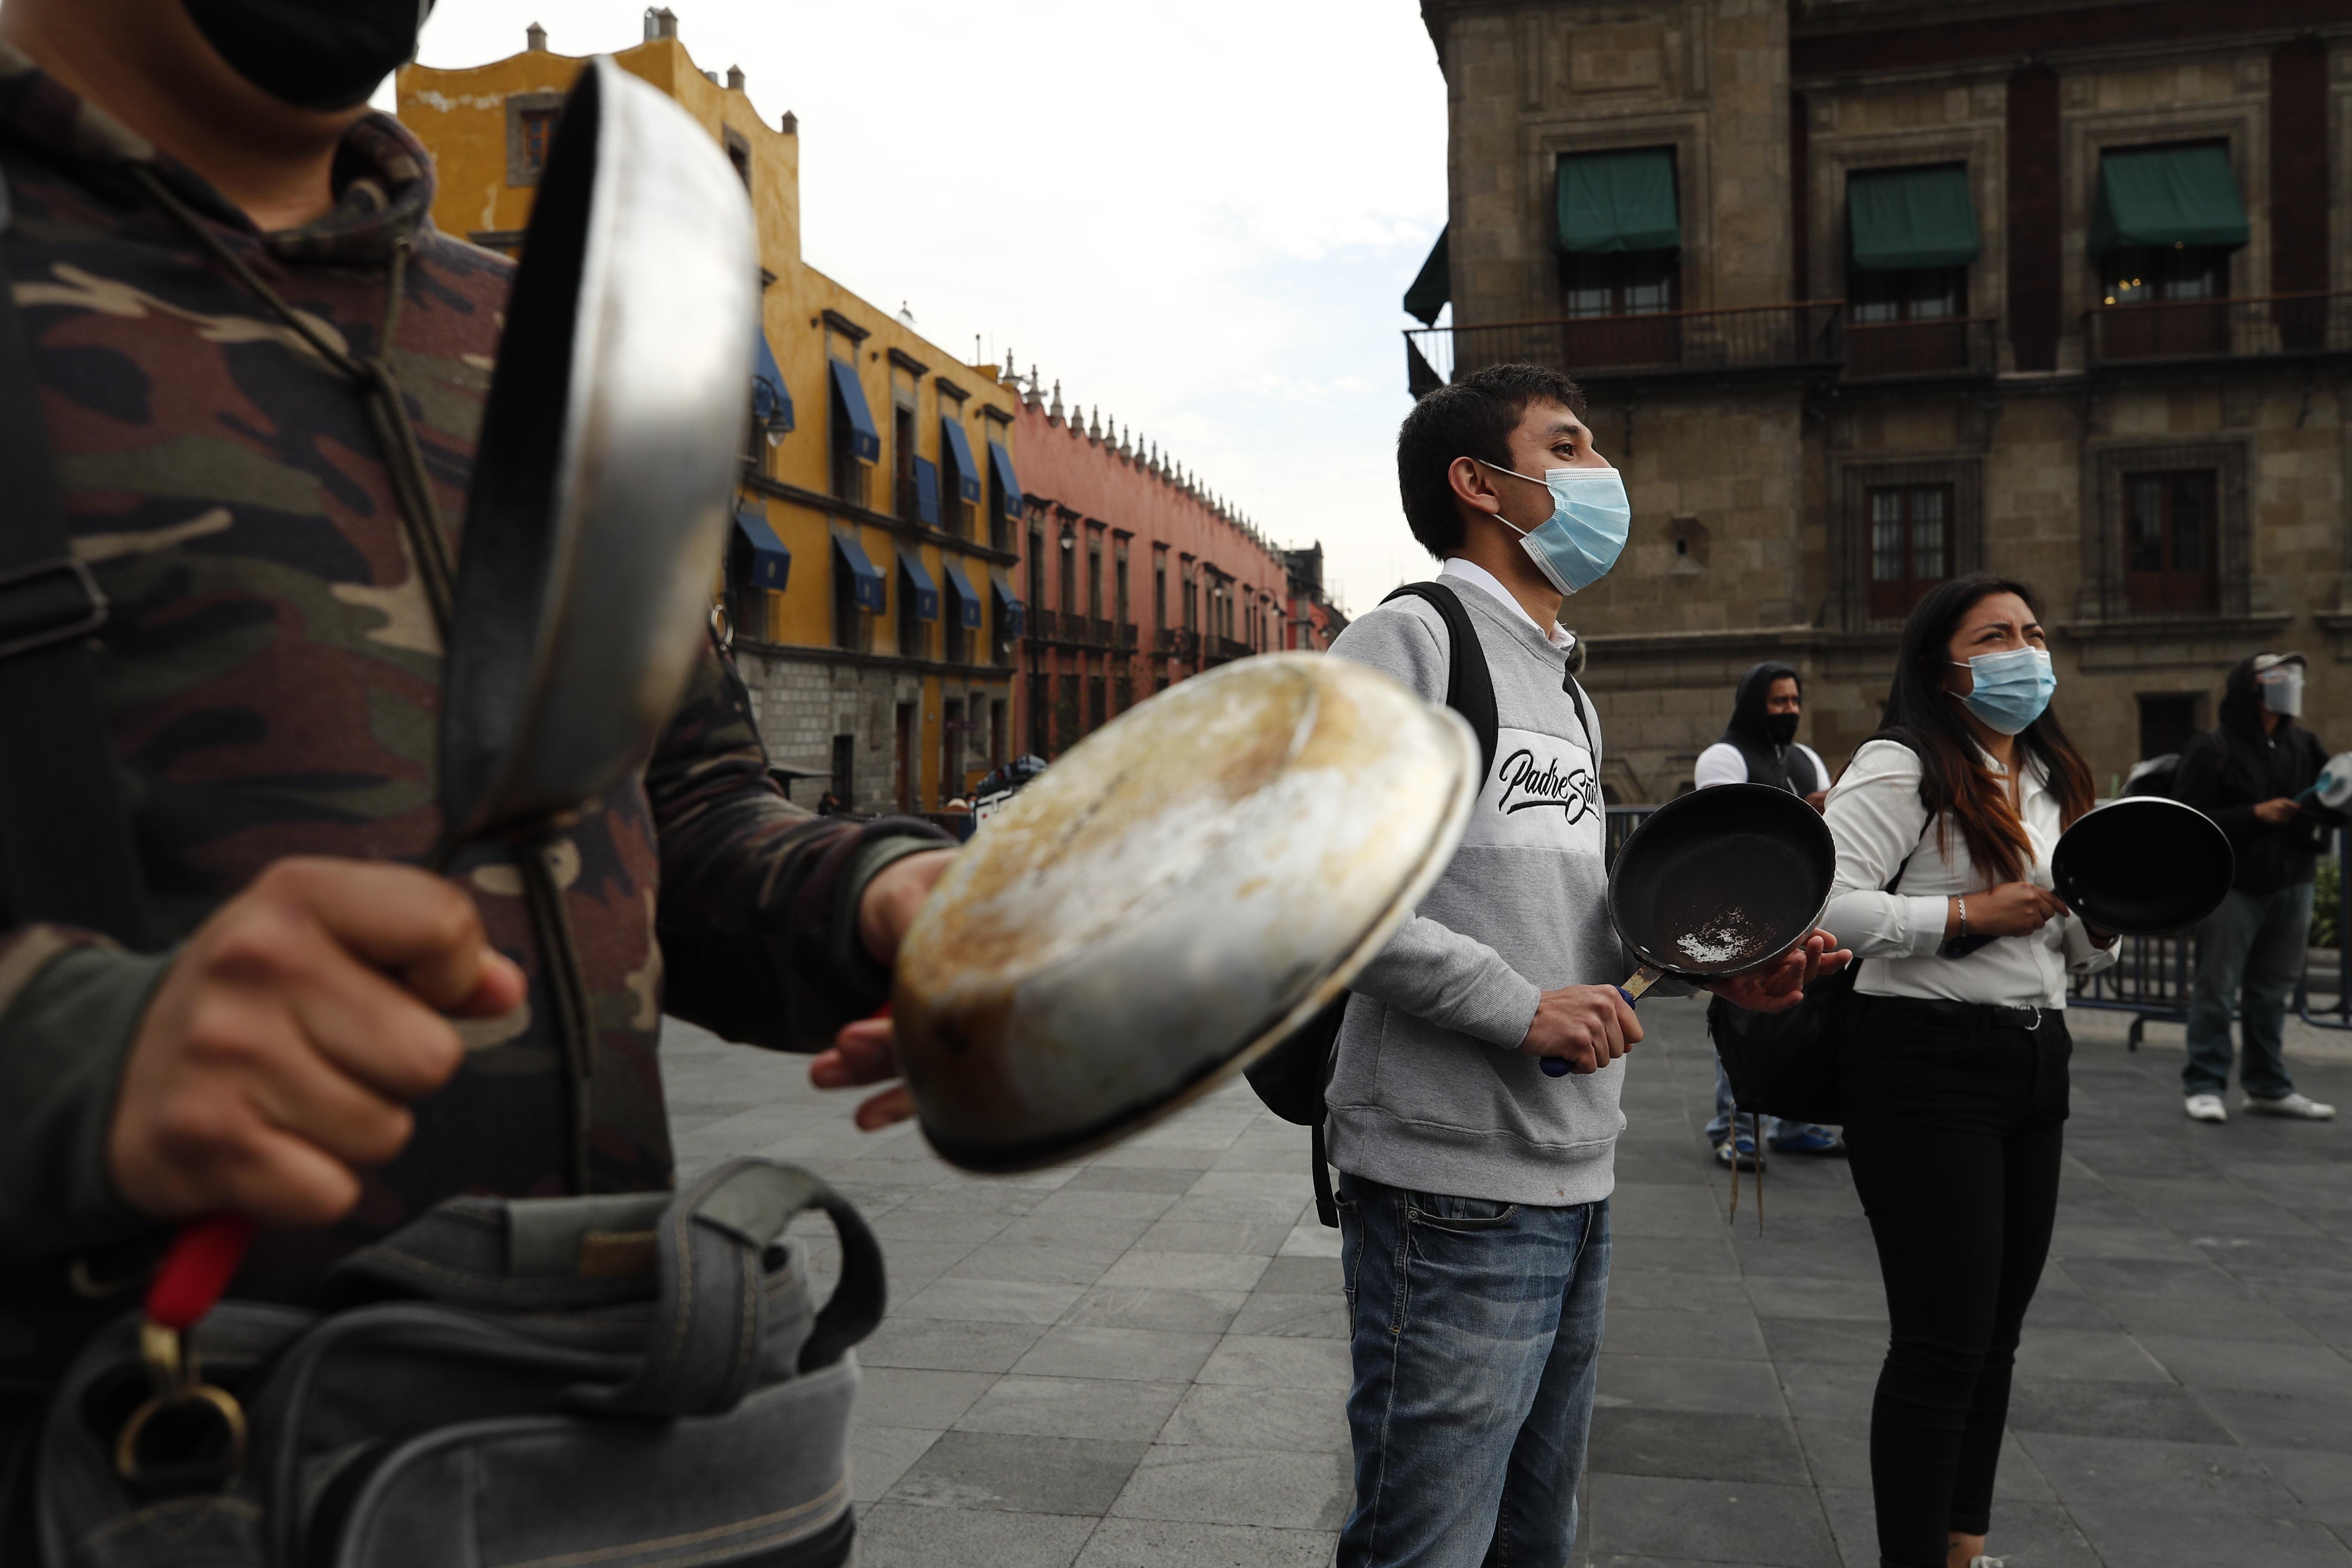 Dueños y empleados de restaurantes protestan hoy mientras exigen poder reabrir a pesar del complejo momento de la pandemia en Ciudad de México, México. 11 de enero de 2021.